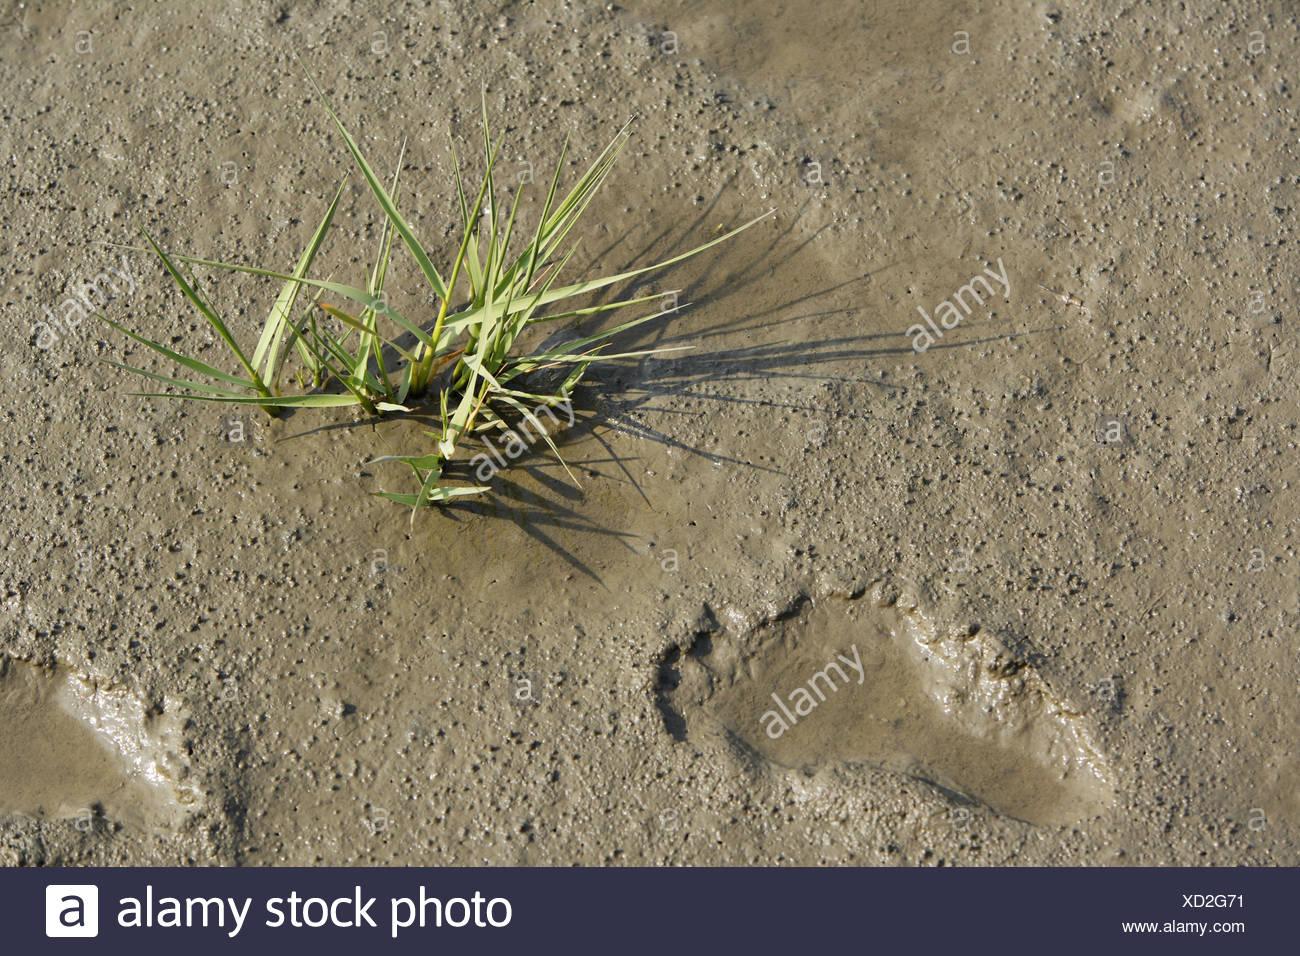 Watt, Blätter Rasen, Fußabdrücke, Strand, Sand, Schlamm, Rasen, Pflanzen, Spuren, Spuren, menschlich, menschenleer, Natur, Stockbild